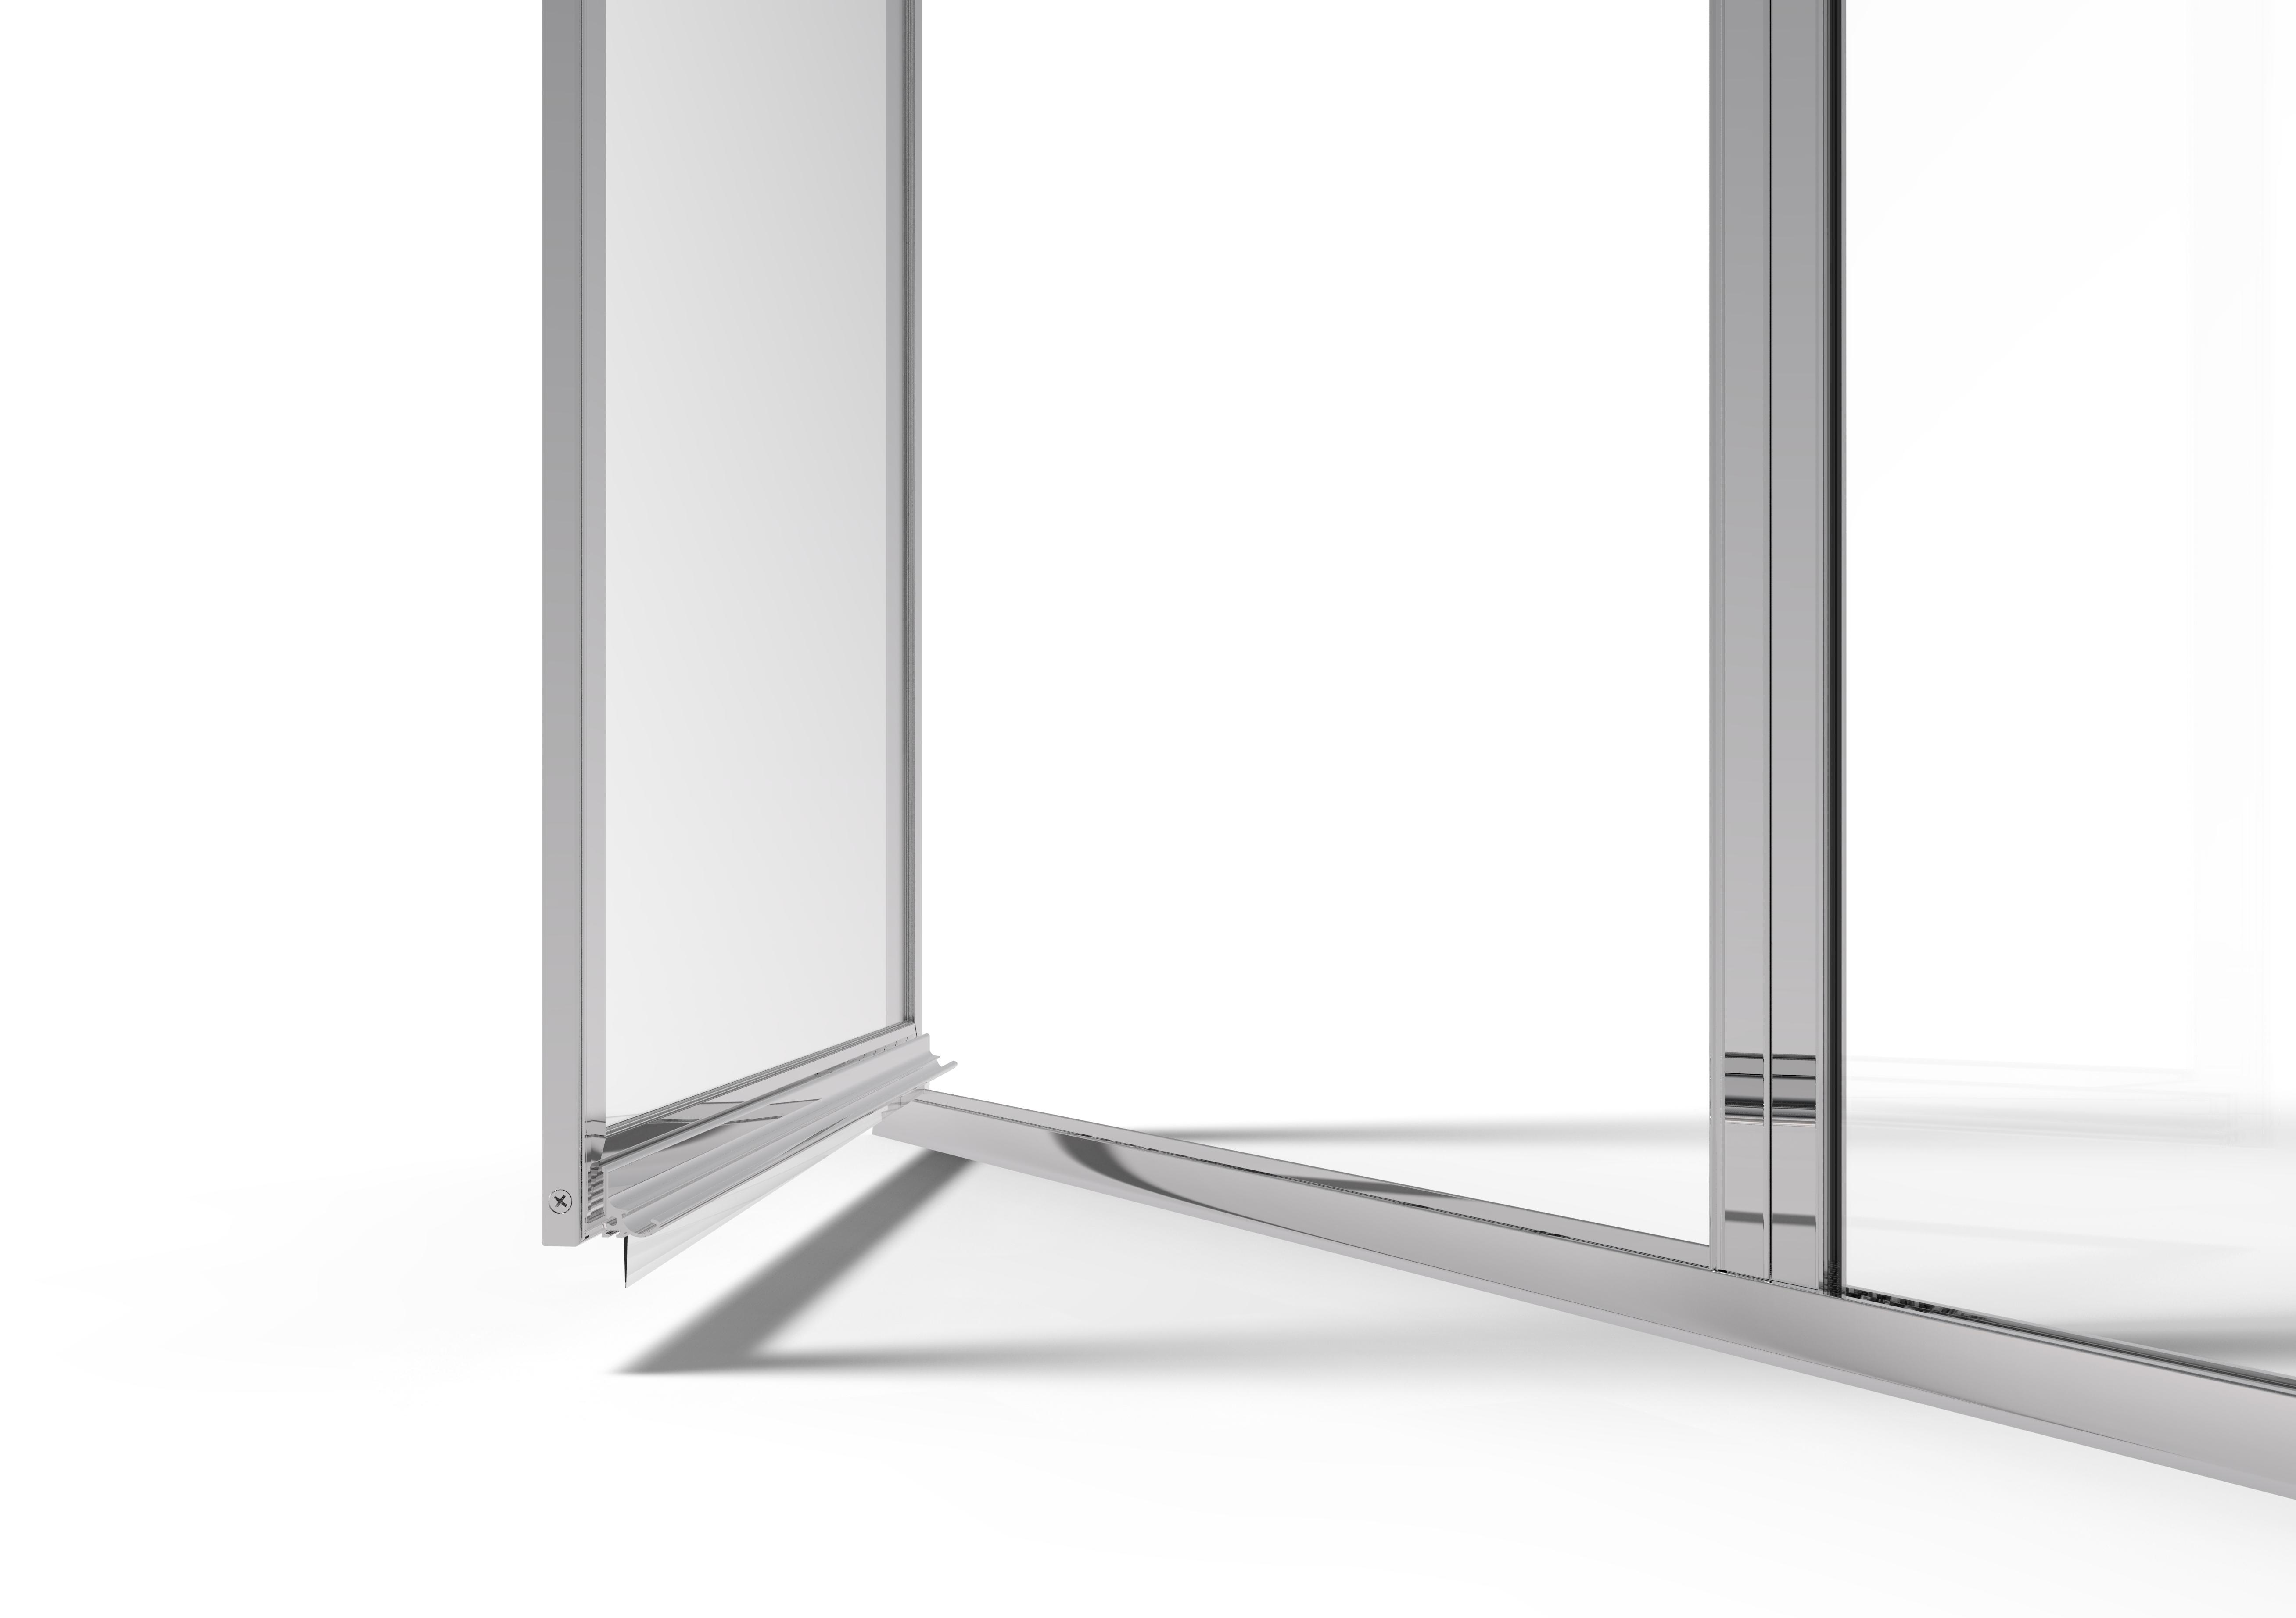 Deluxe Framed 3 16 Inch Glass Swing Door Return Basco